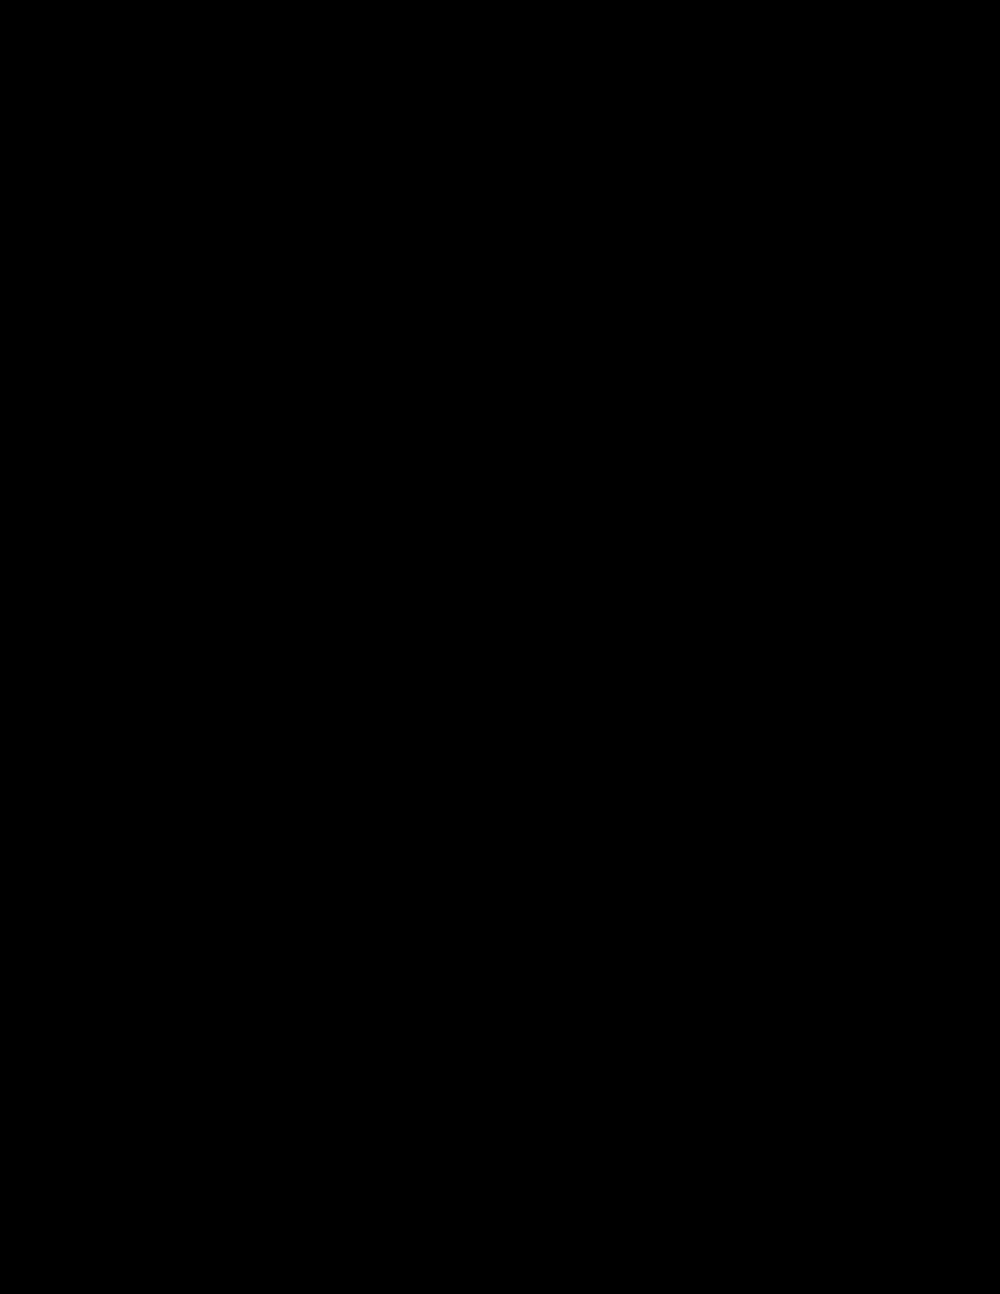 c4ae50f5d68a0d3d9c40633d027c255d-7.png